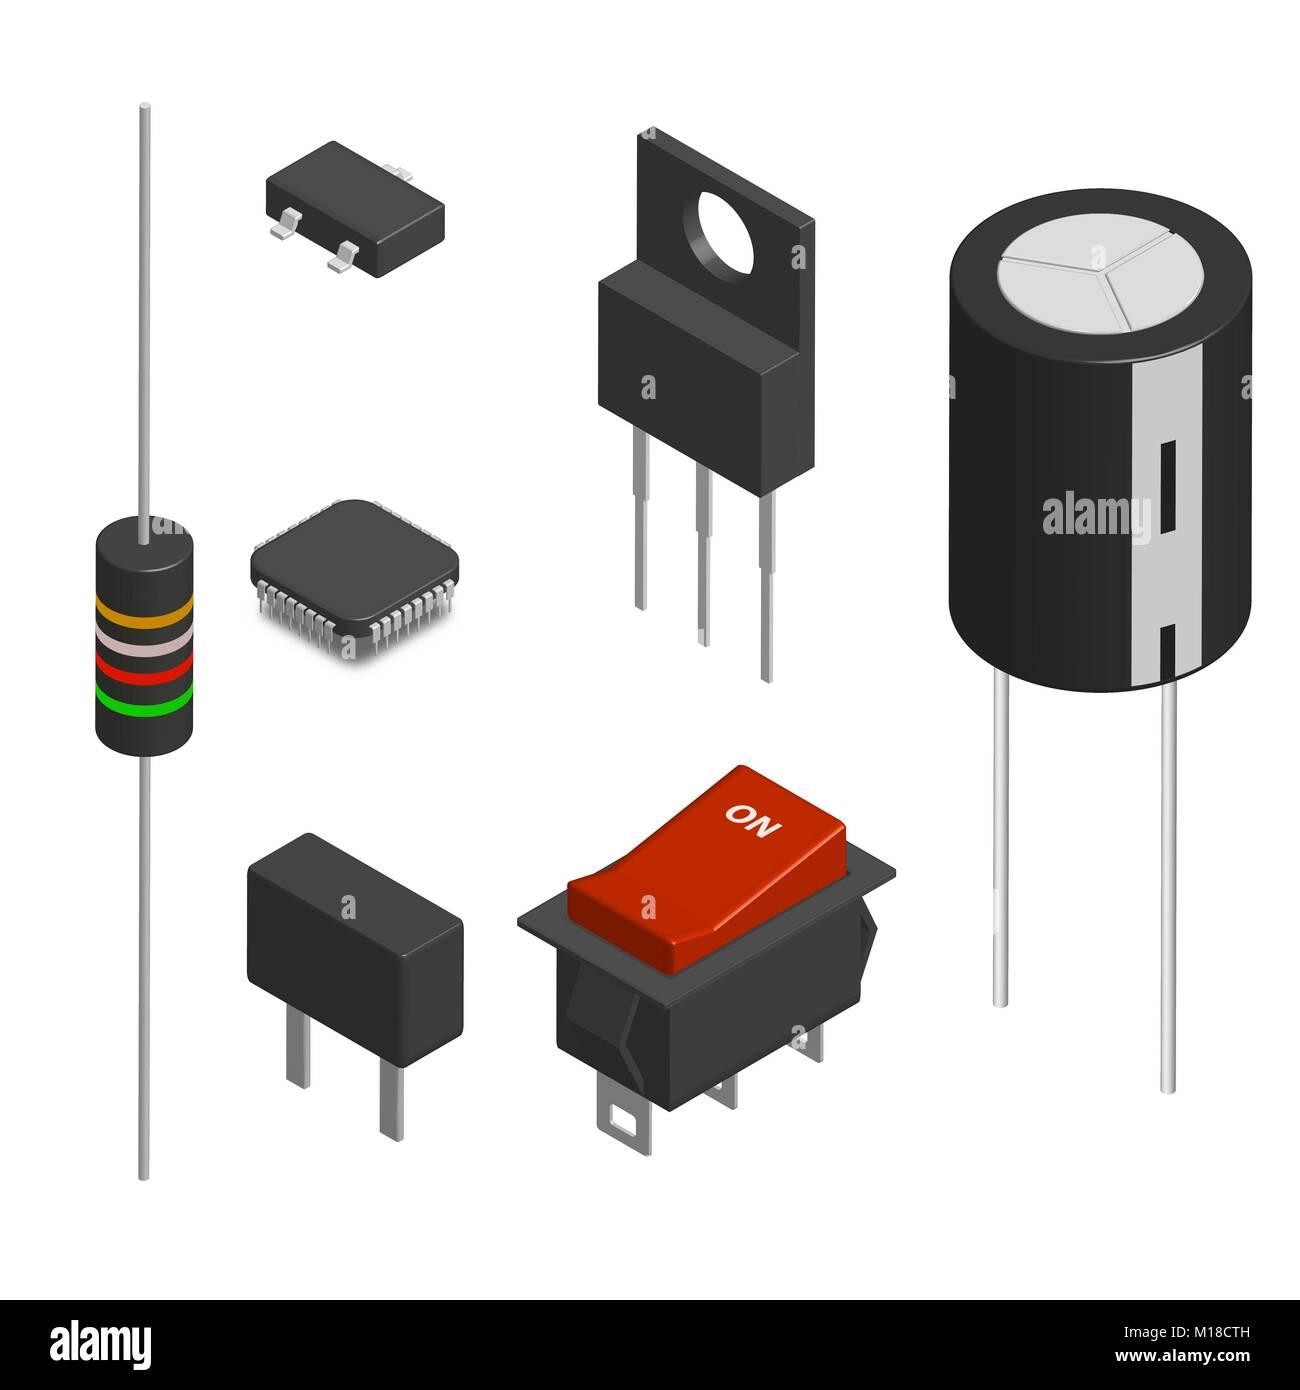 Groß Symbole Für Elektronische Komponenten Bilder - Elektrische ...